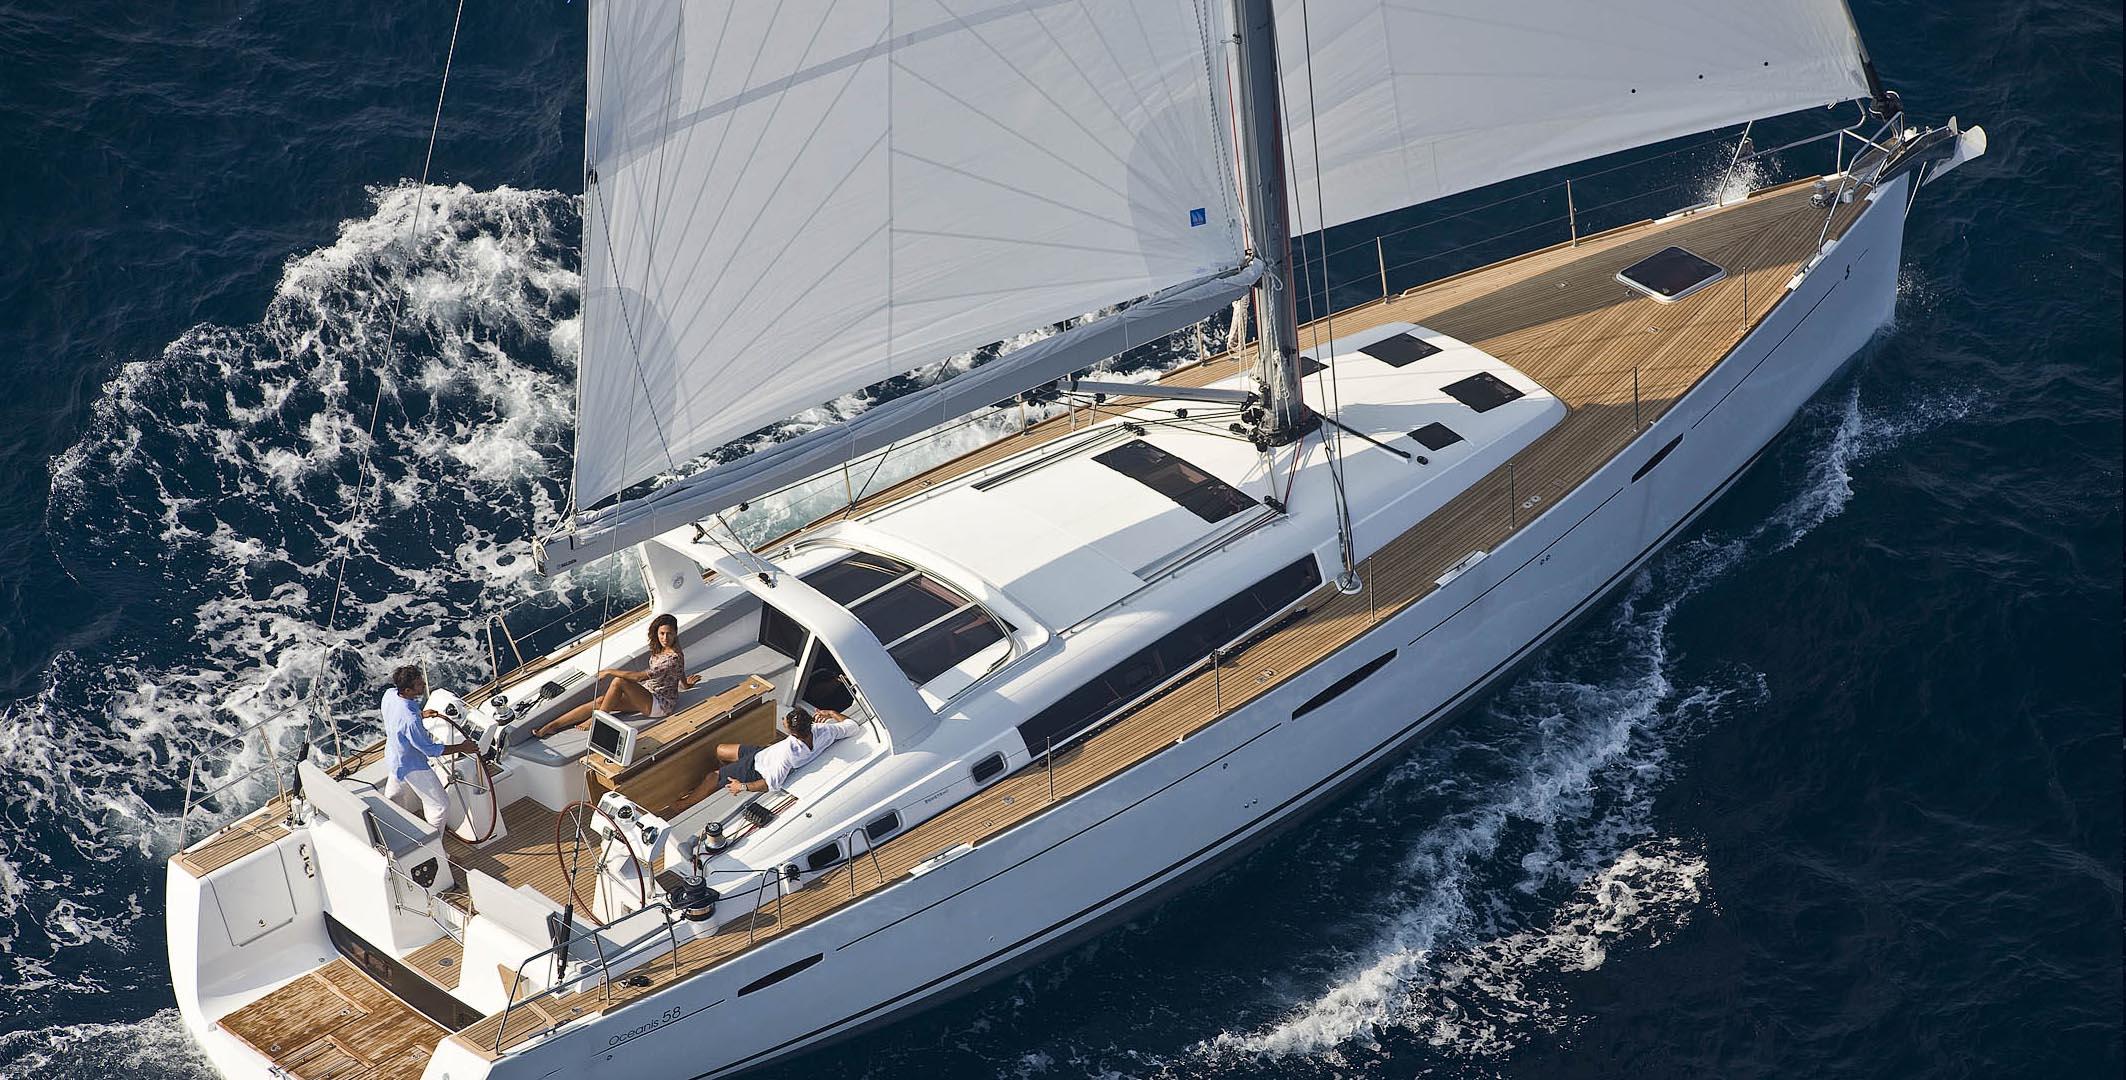 oceanis sail boat